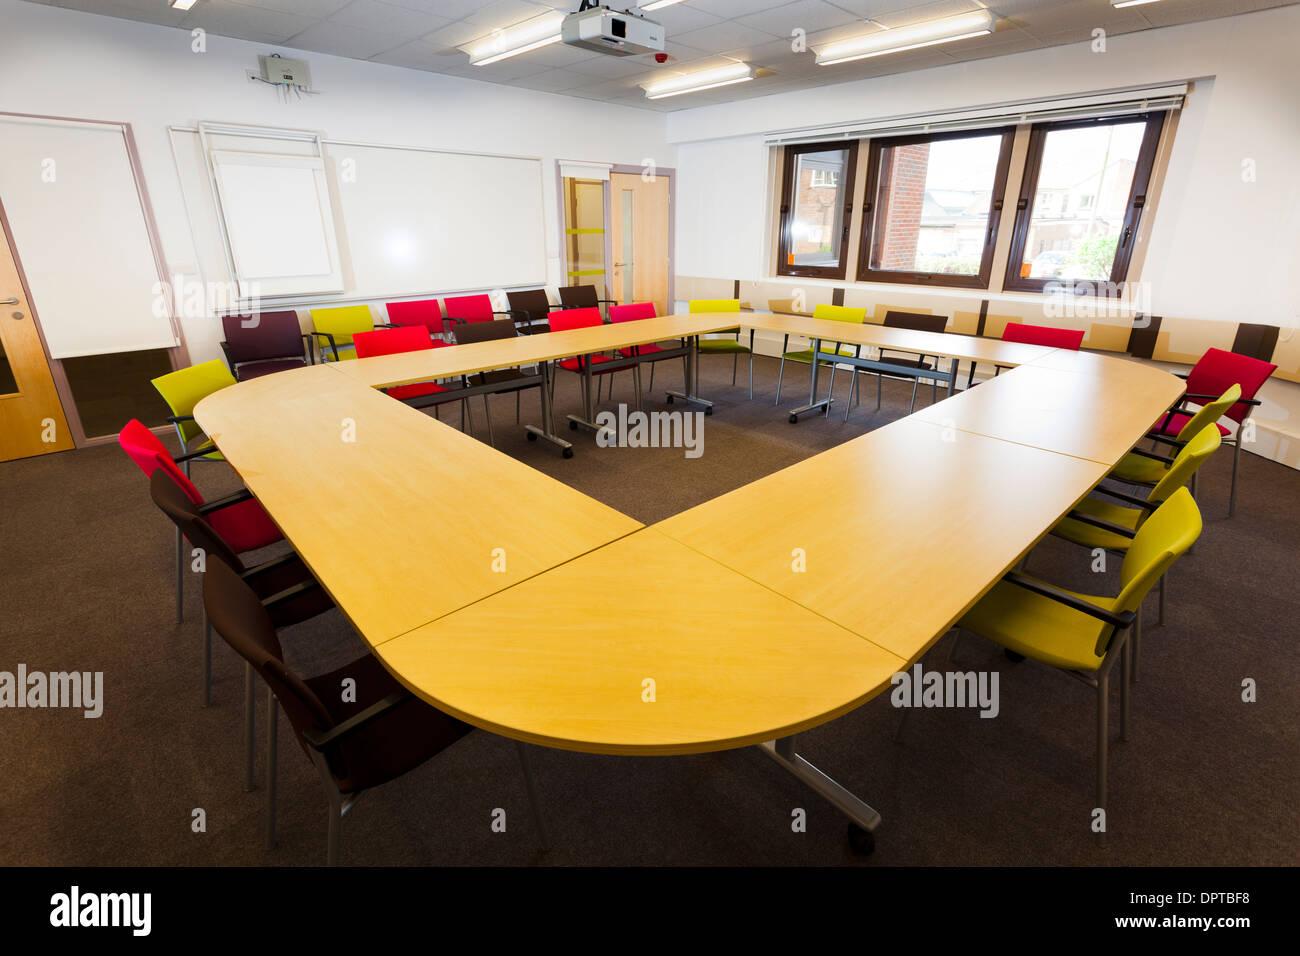 Présentation de tableau de conférence inoccupées dans Office. Photo Stock